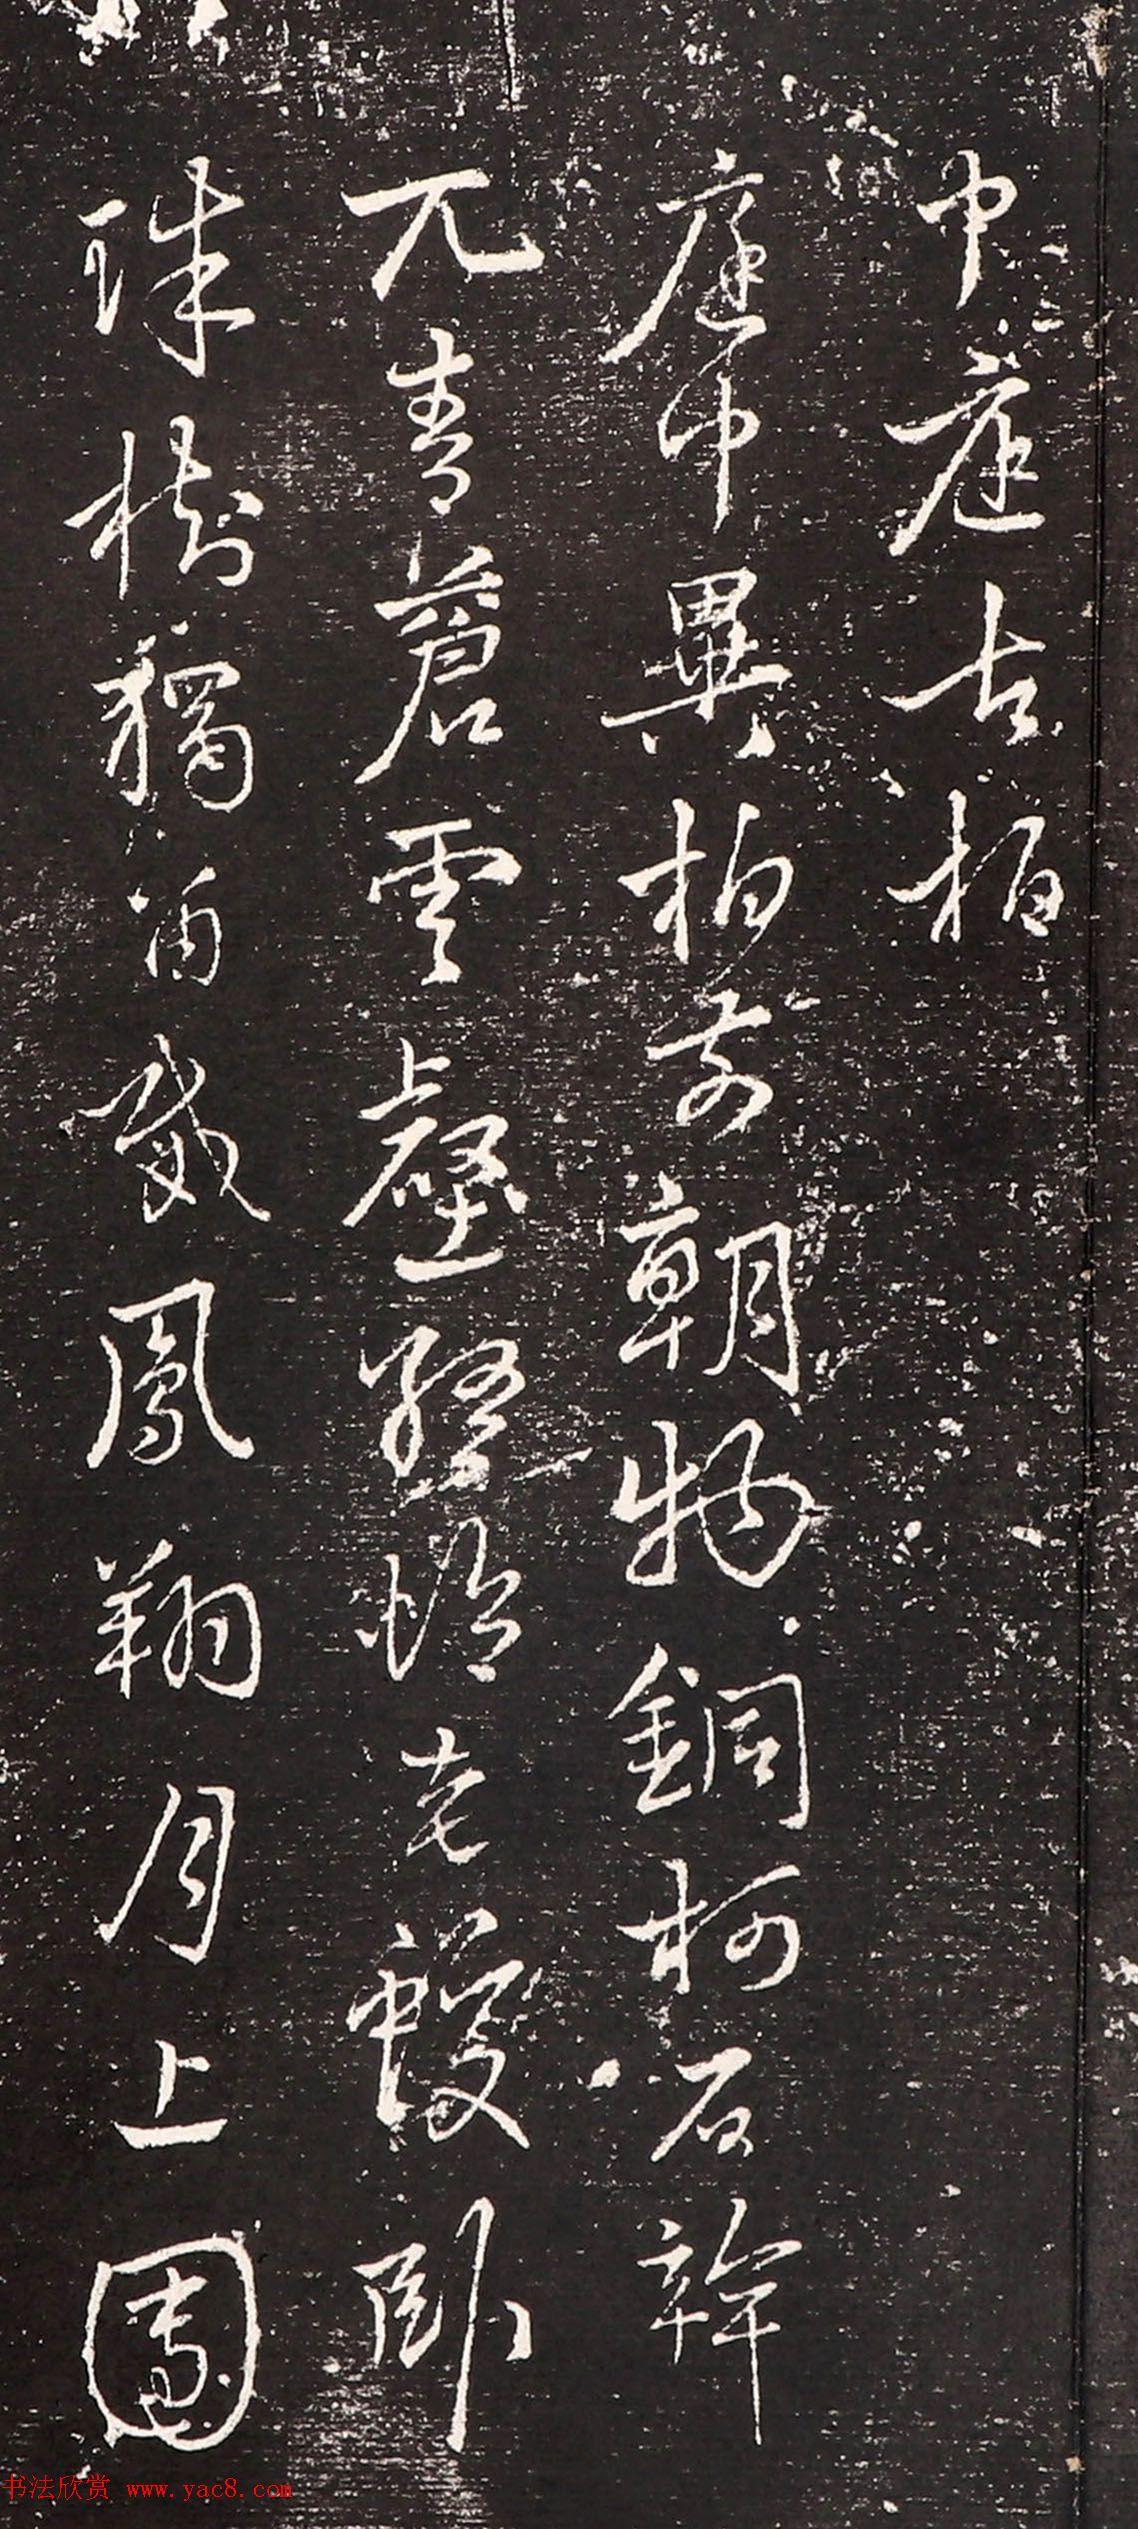 鲜于枢行书诗拓《中庭古柏+广严僧房》